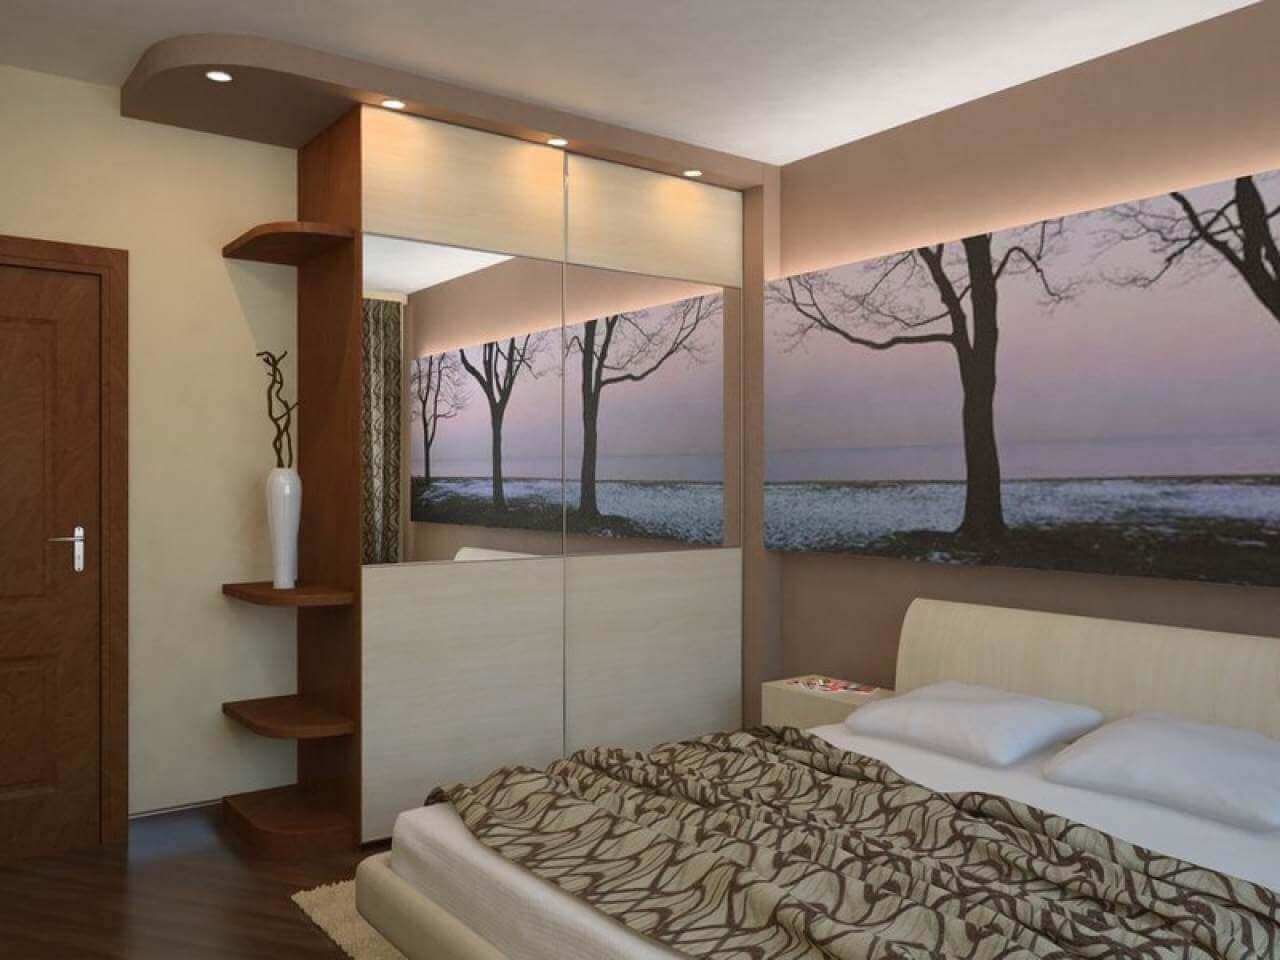 Дизайн комнаты 12 кв.м своими руками